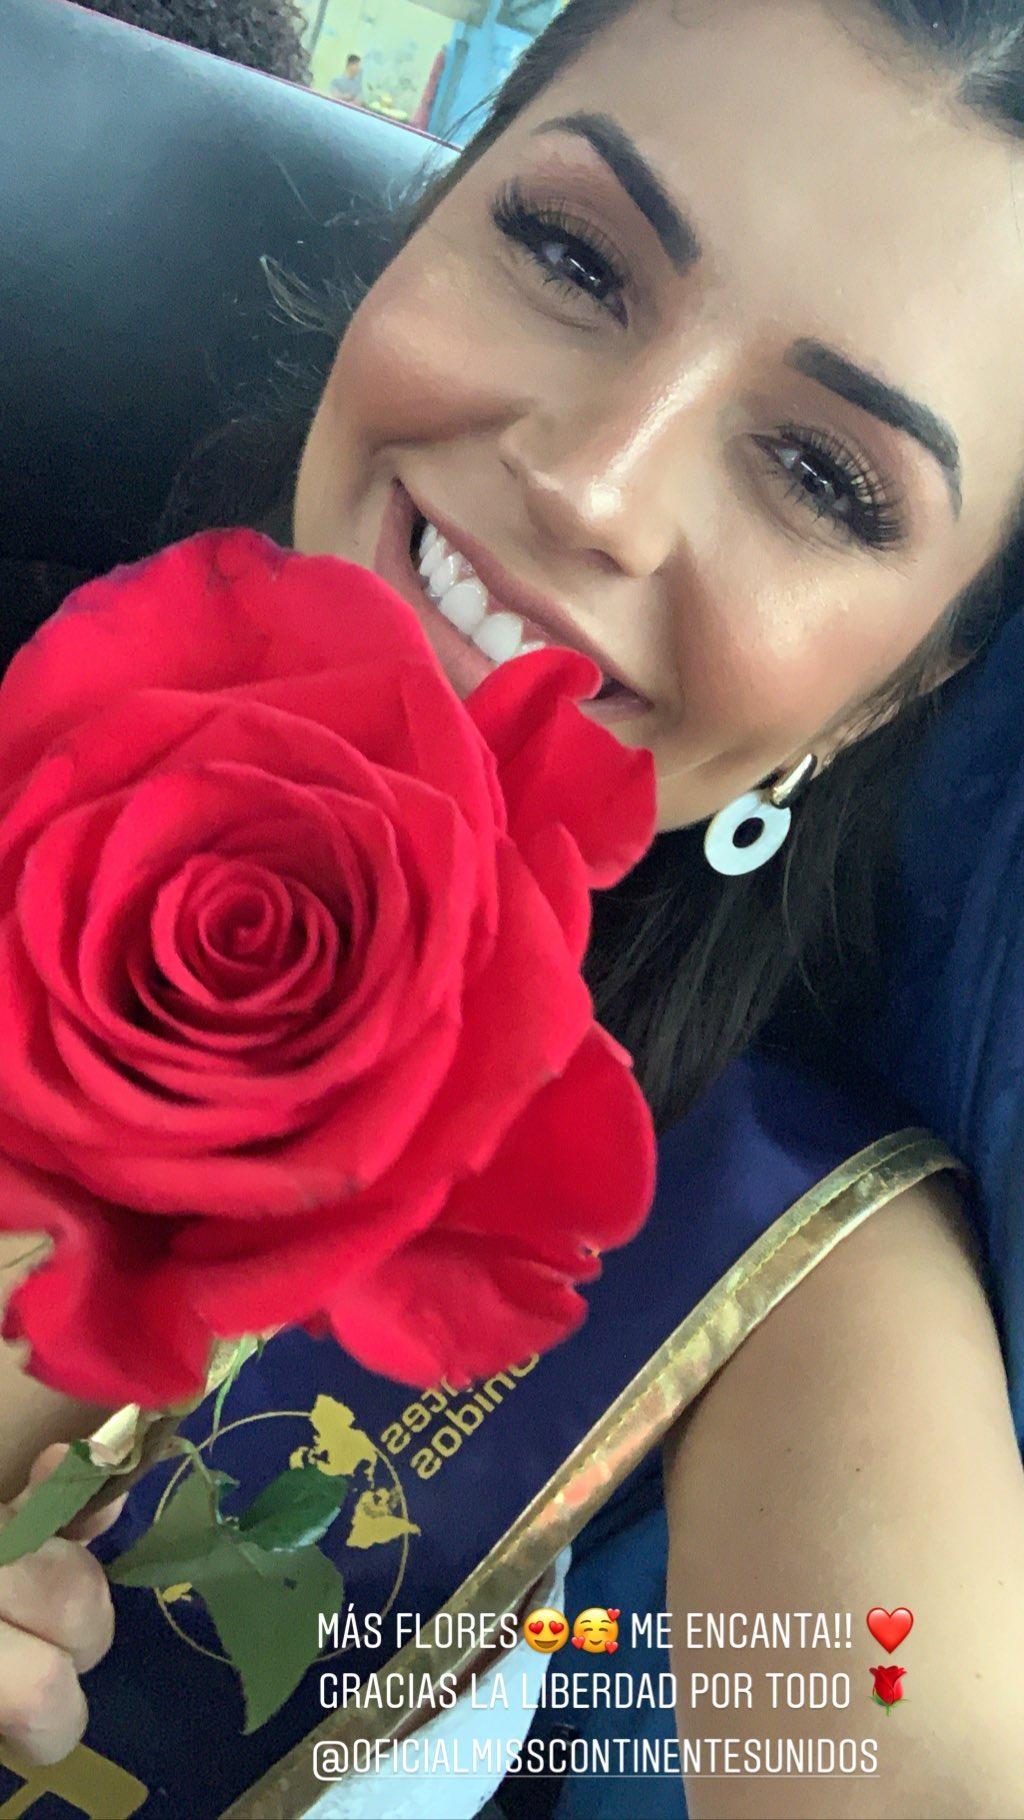 thylara brenner, miss brasil continentes unidos 2019. - Página 10 69645810